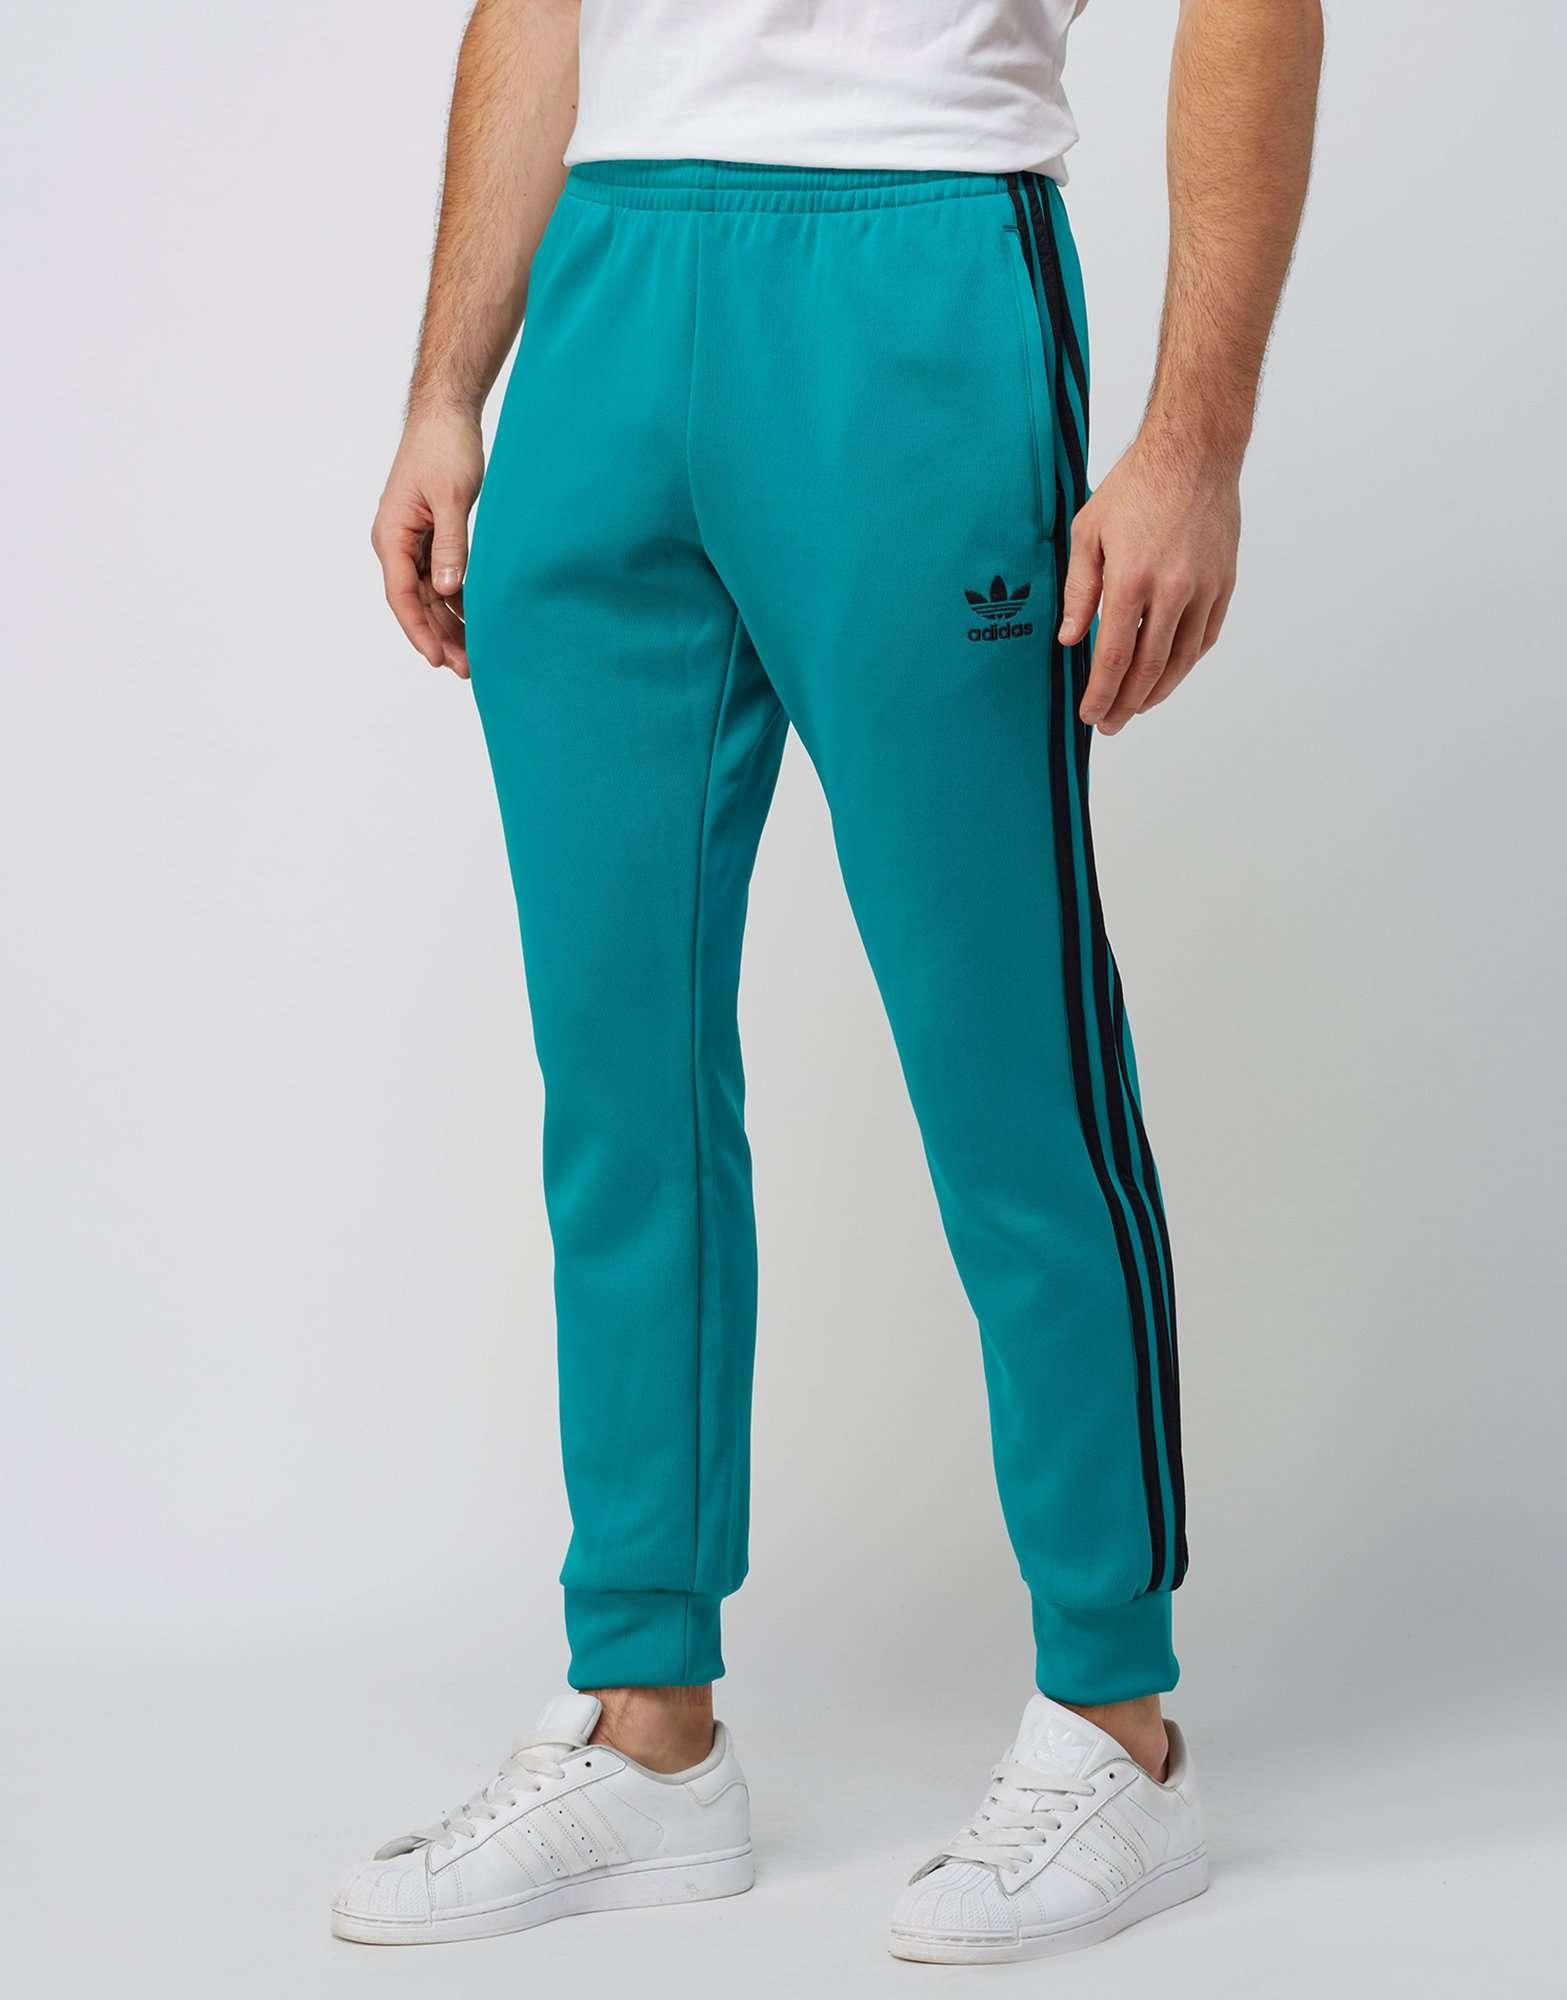 Adidas Originals pants Superstar esposado EQT track pants Originals Scotts hombre wear 5fbedd